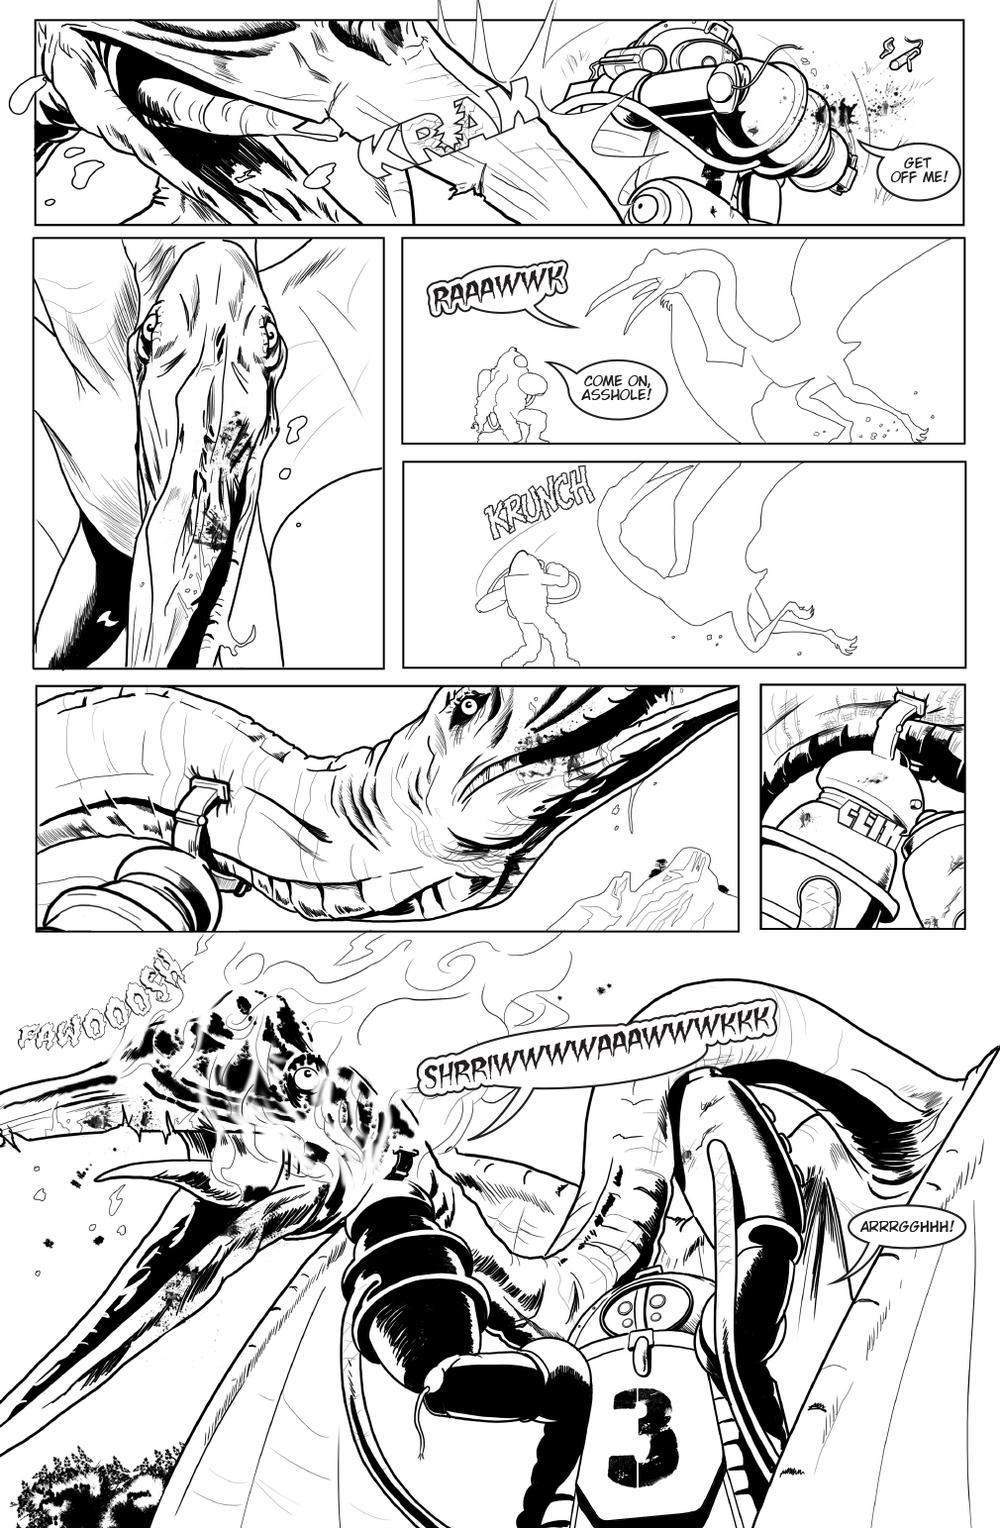 Cretaceous_01-43.jpg